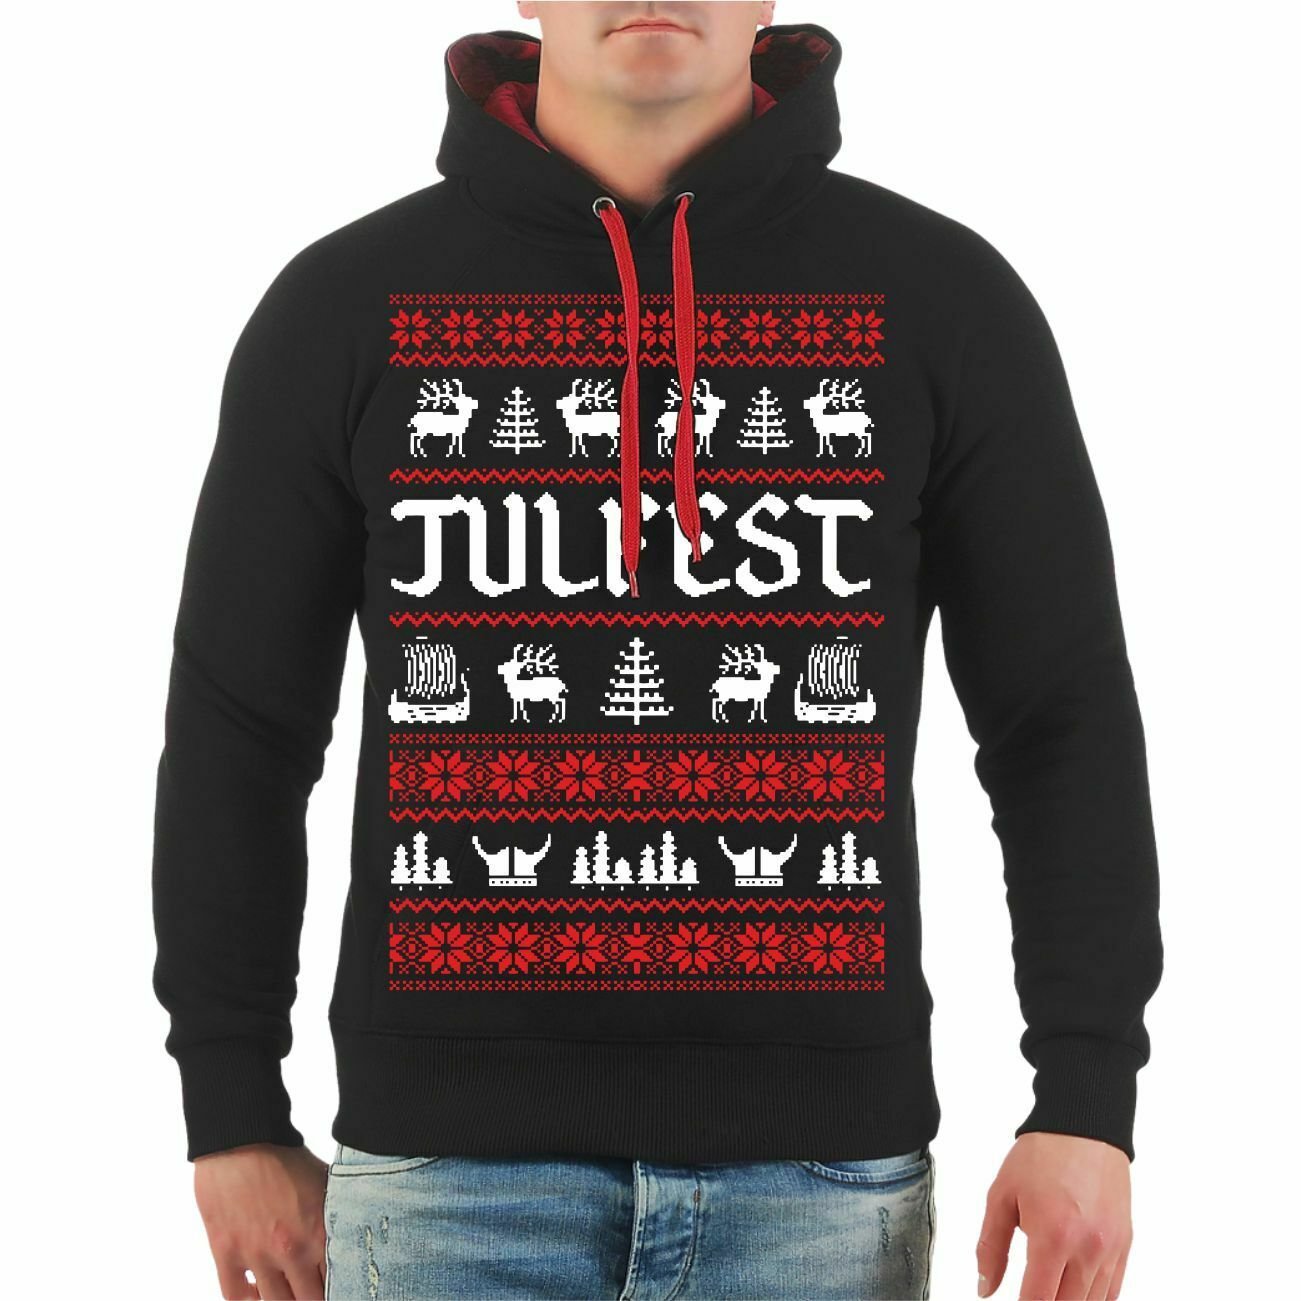 Kapuzenpullover Wintersonnenwende Julfest Julfest Julfest Germanen Weihnachten Geschenk Hoodie    Großer Verkauf    Viele Sorten    Helle Farben  513d9c